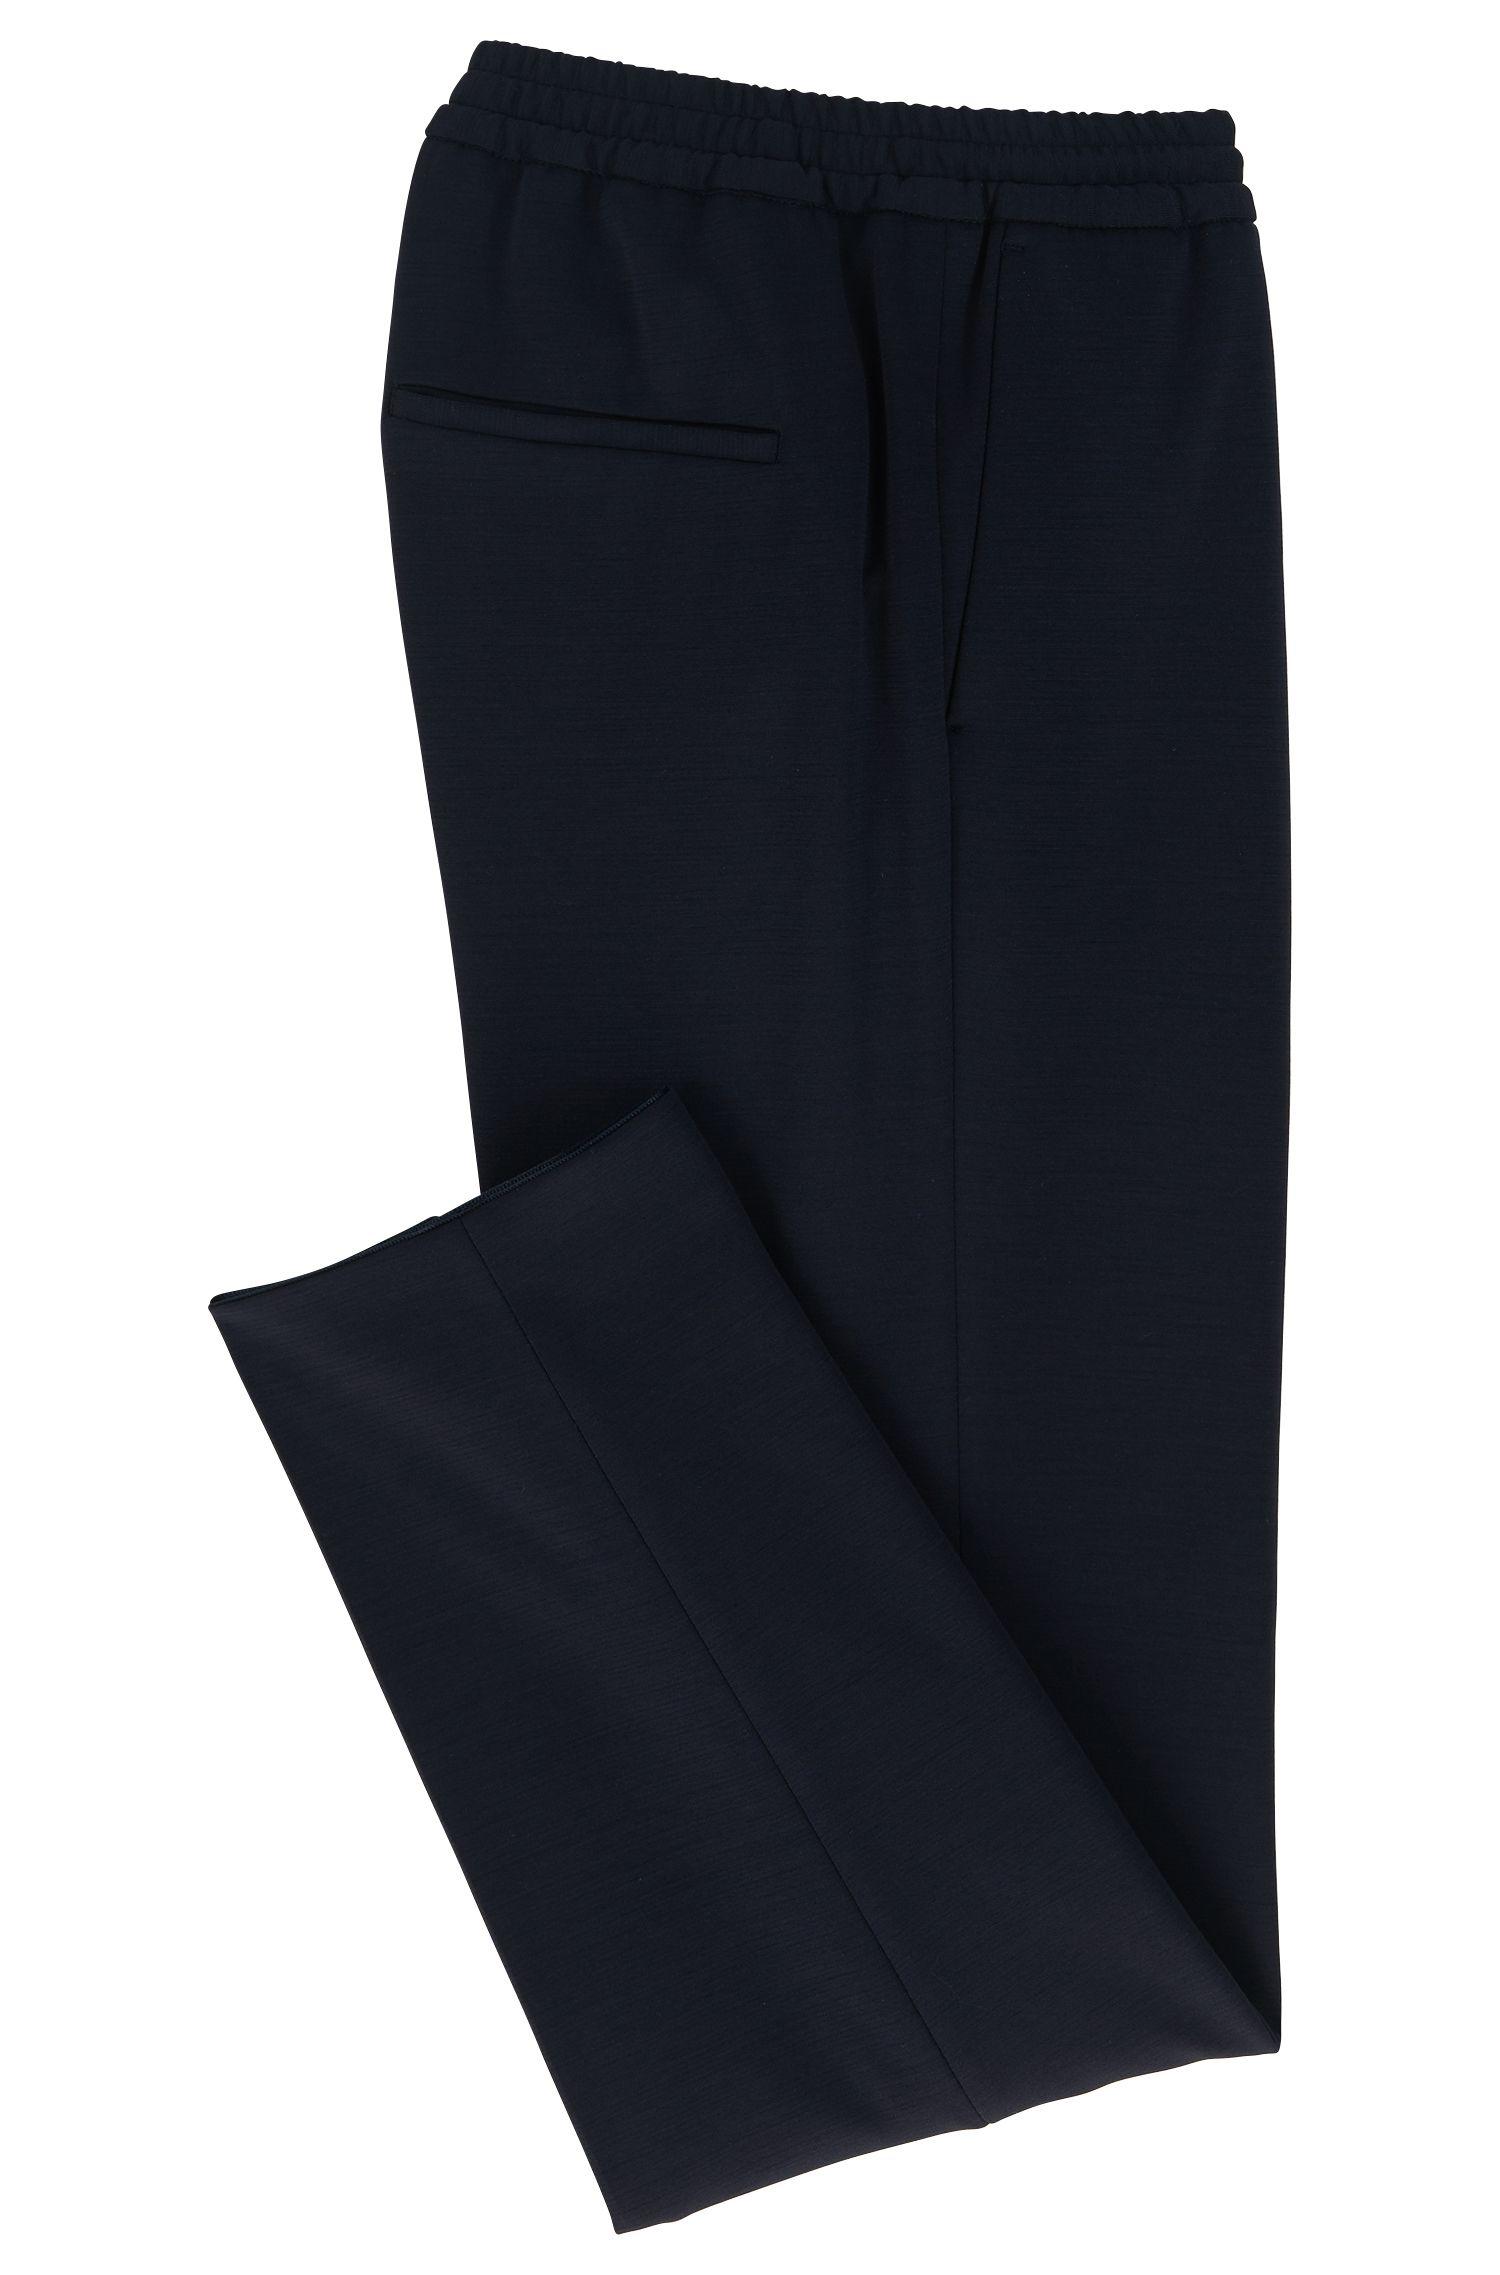 Pantalones slim fit con cordón en mezcla de lana virgen